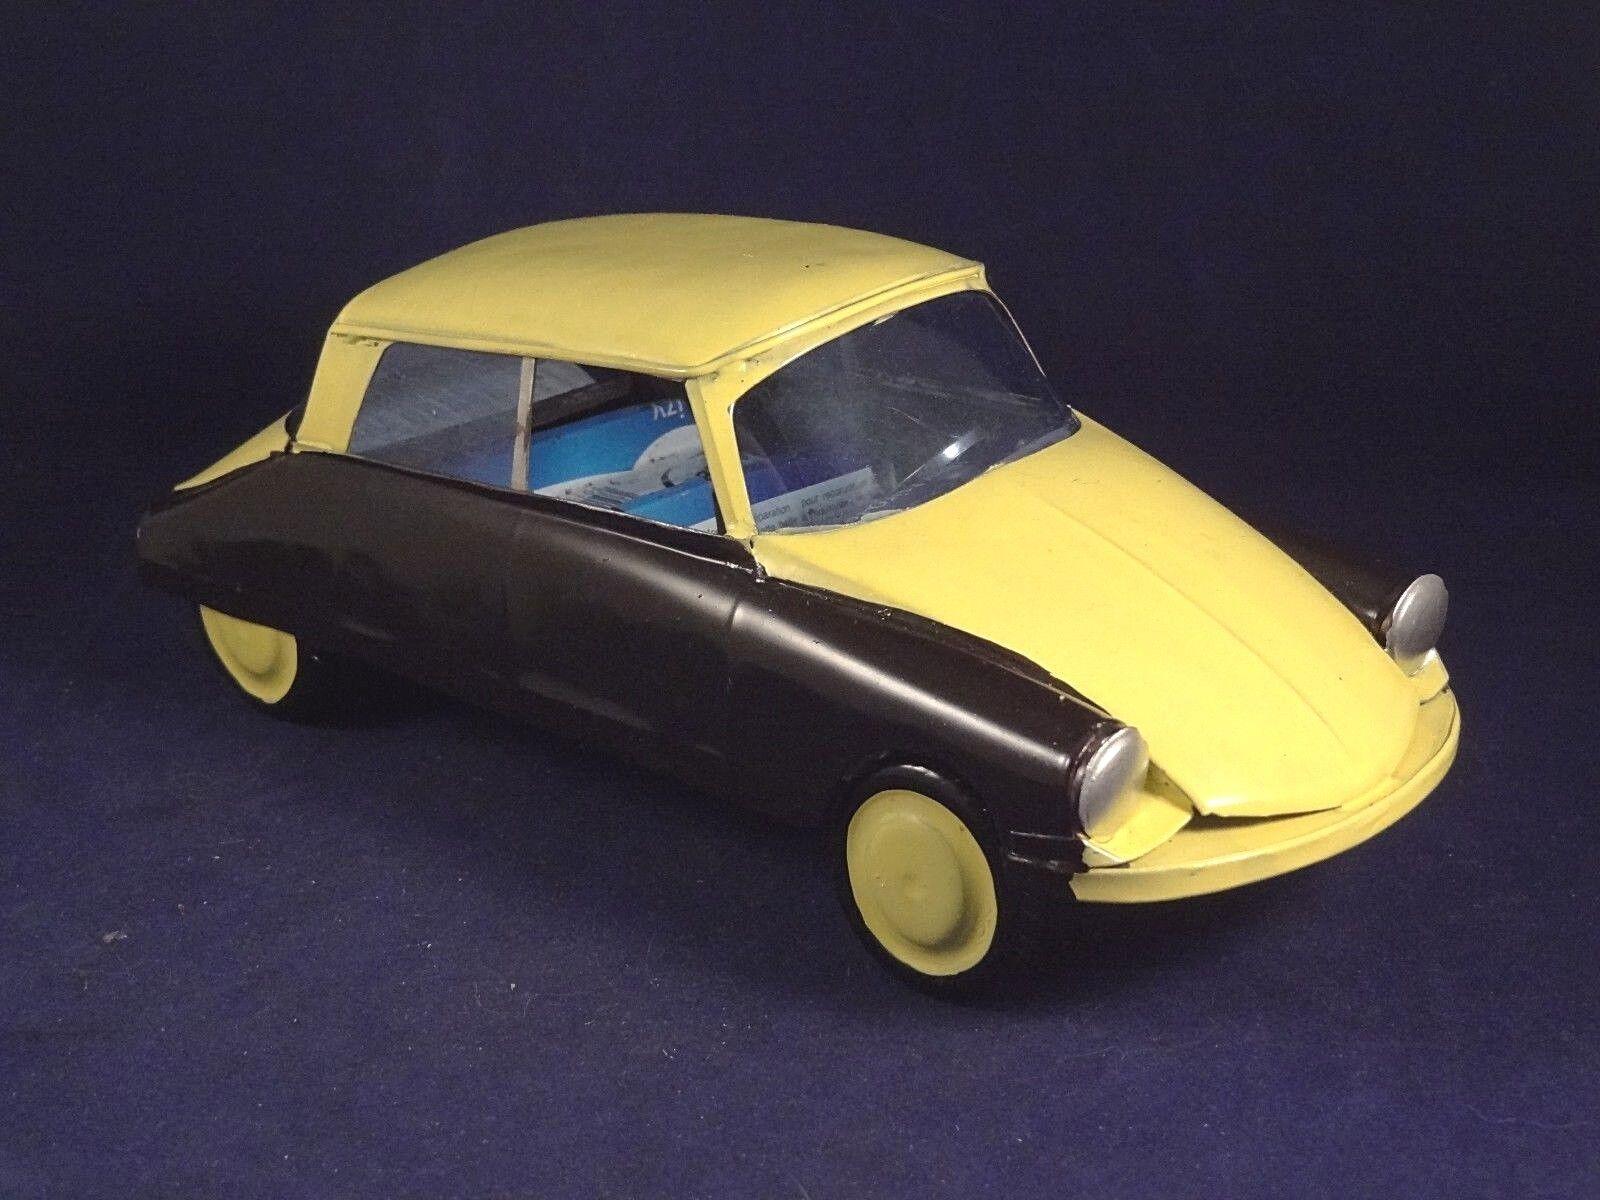 Beau jouet voiture tôle citroën DS fabrication artisanale superbe création